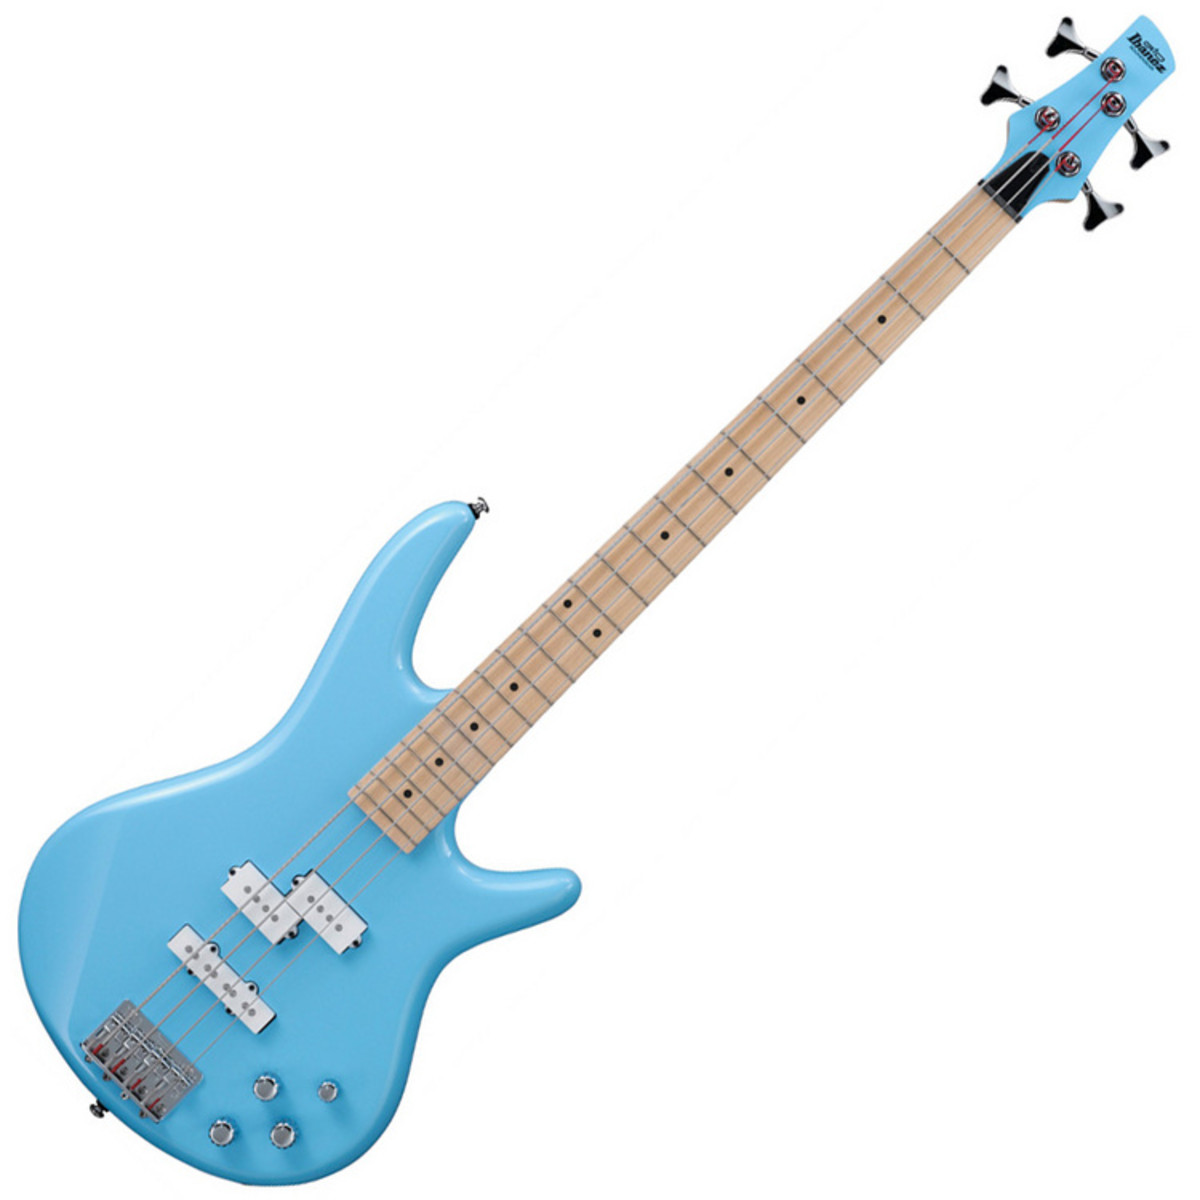 ibanez gsr250m soundgear bass guitar light sky blue at. Black Bedroom Furniture Sets. Home Design Ideas